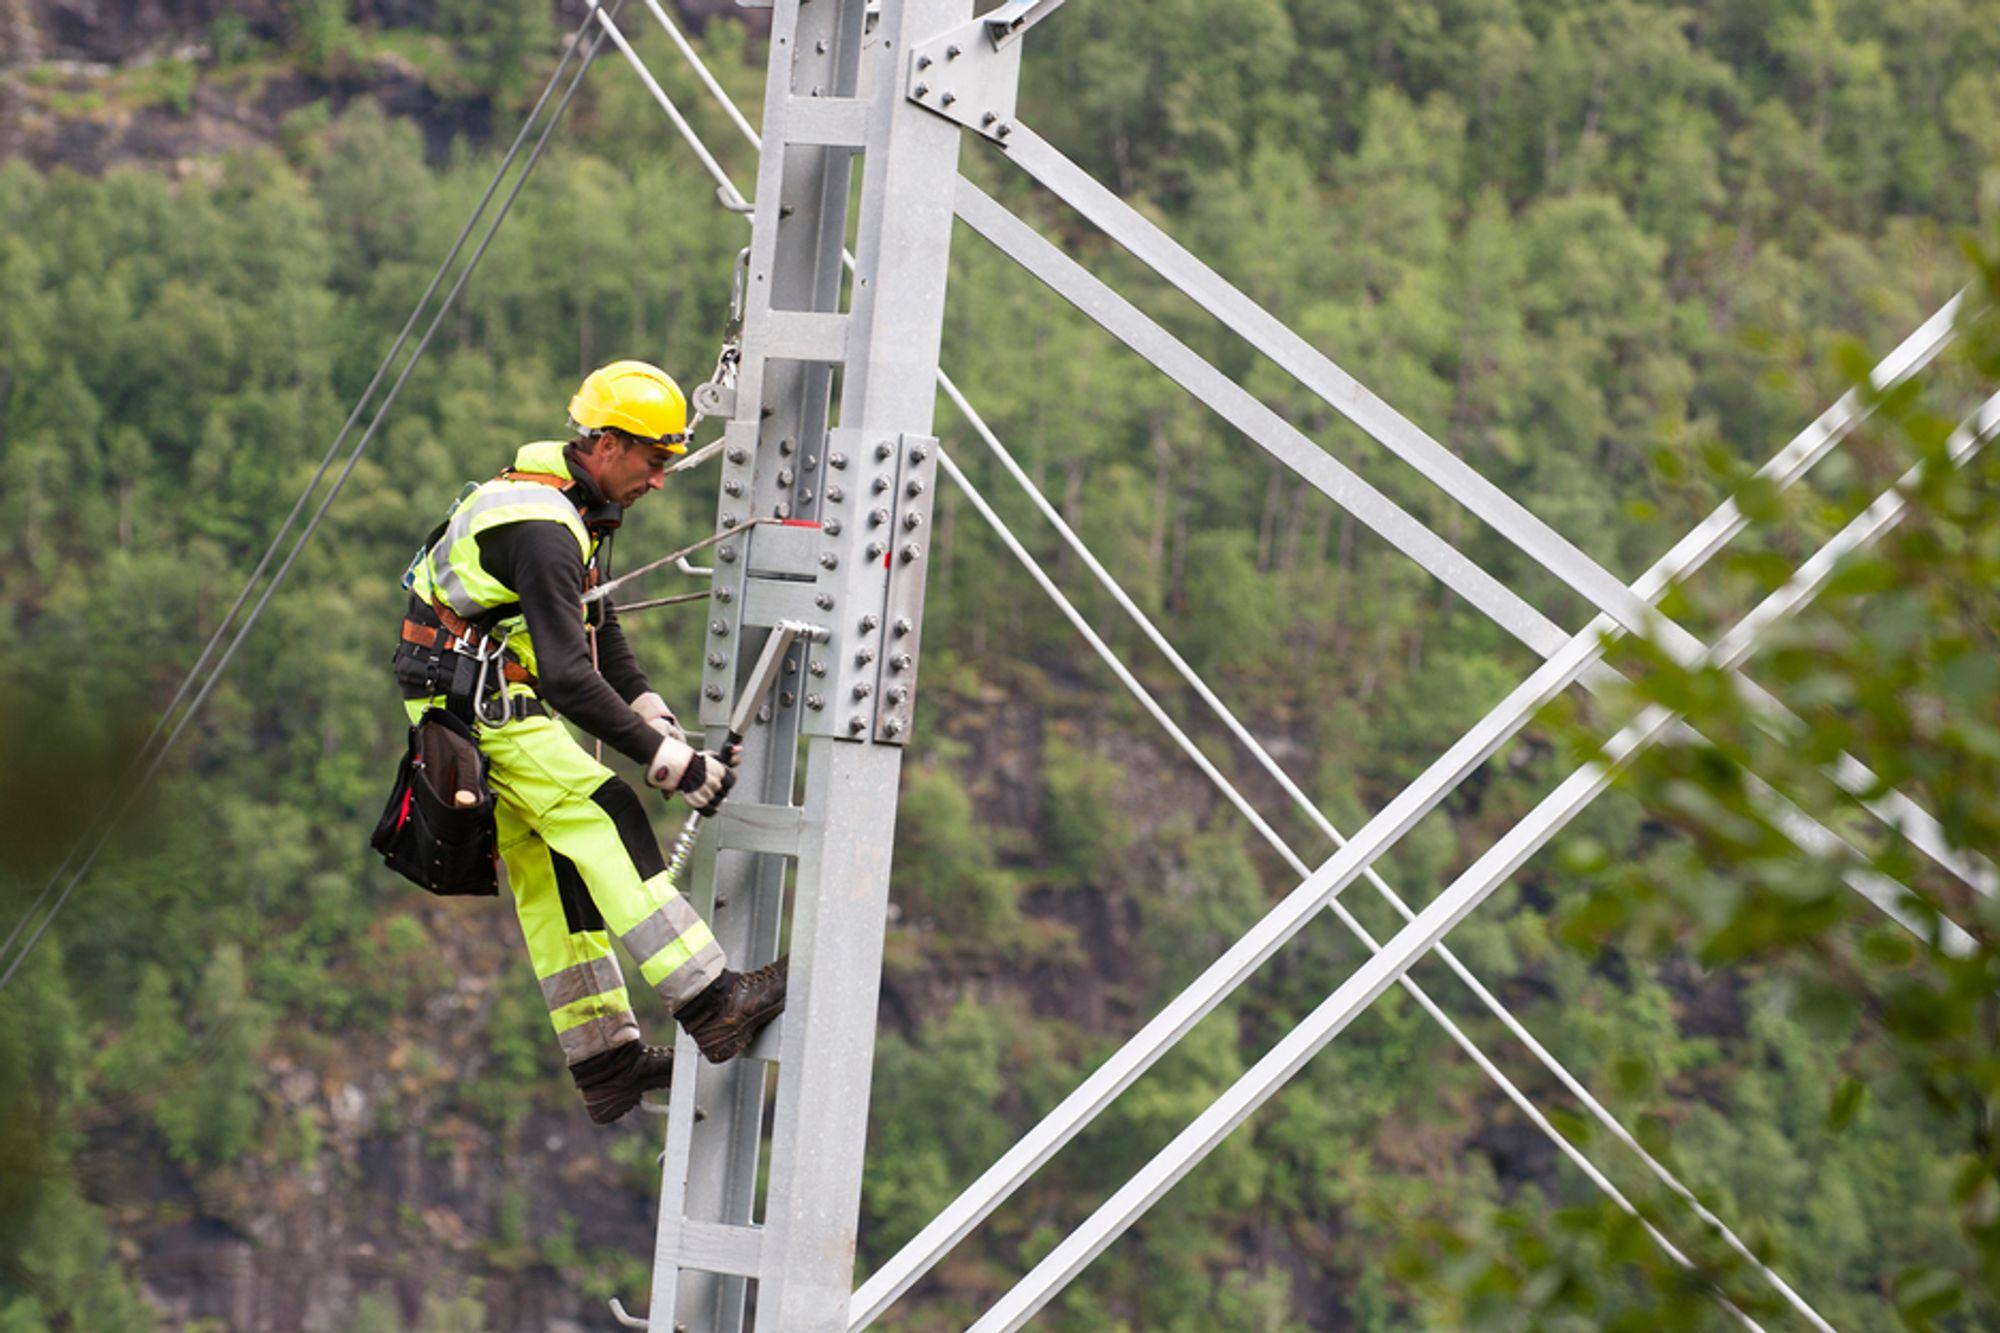 NORSKE FORHOLD: På Ørskog-Fardal-forbindelsen skal det betales for både faringstid og værskoft i tråd med vanlig norsk praksis, ifølge Statnett. Bidlet er fra byggingen av Sima-Samnanger-linjen.